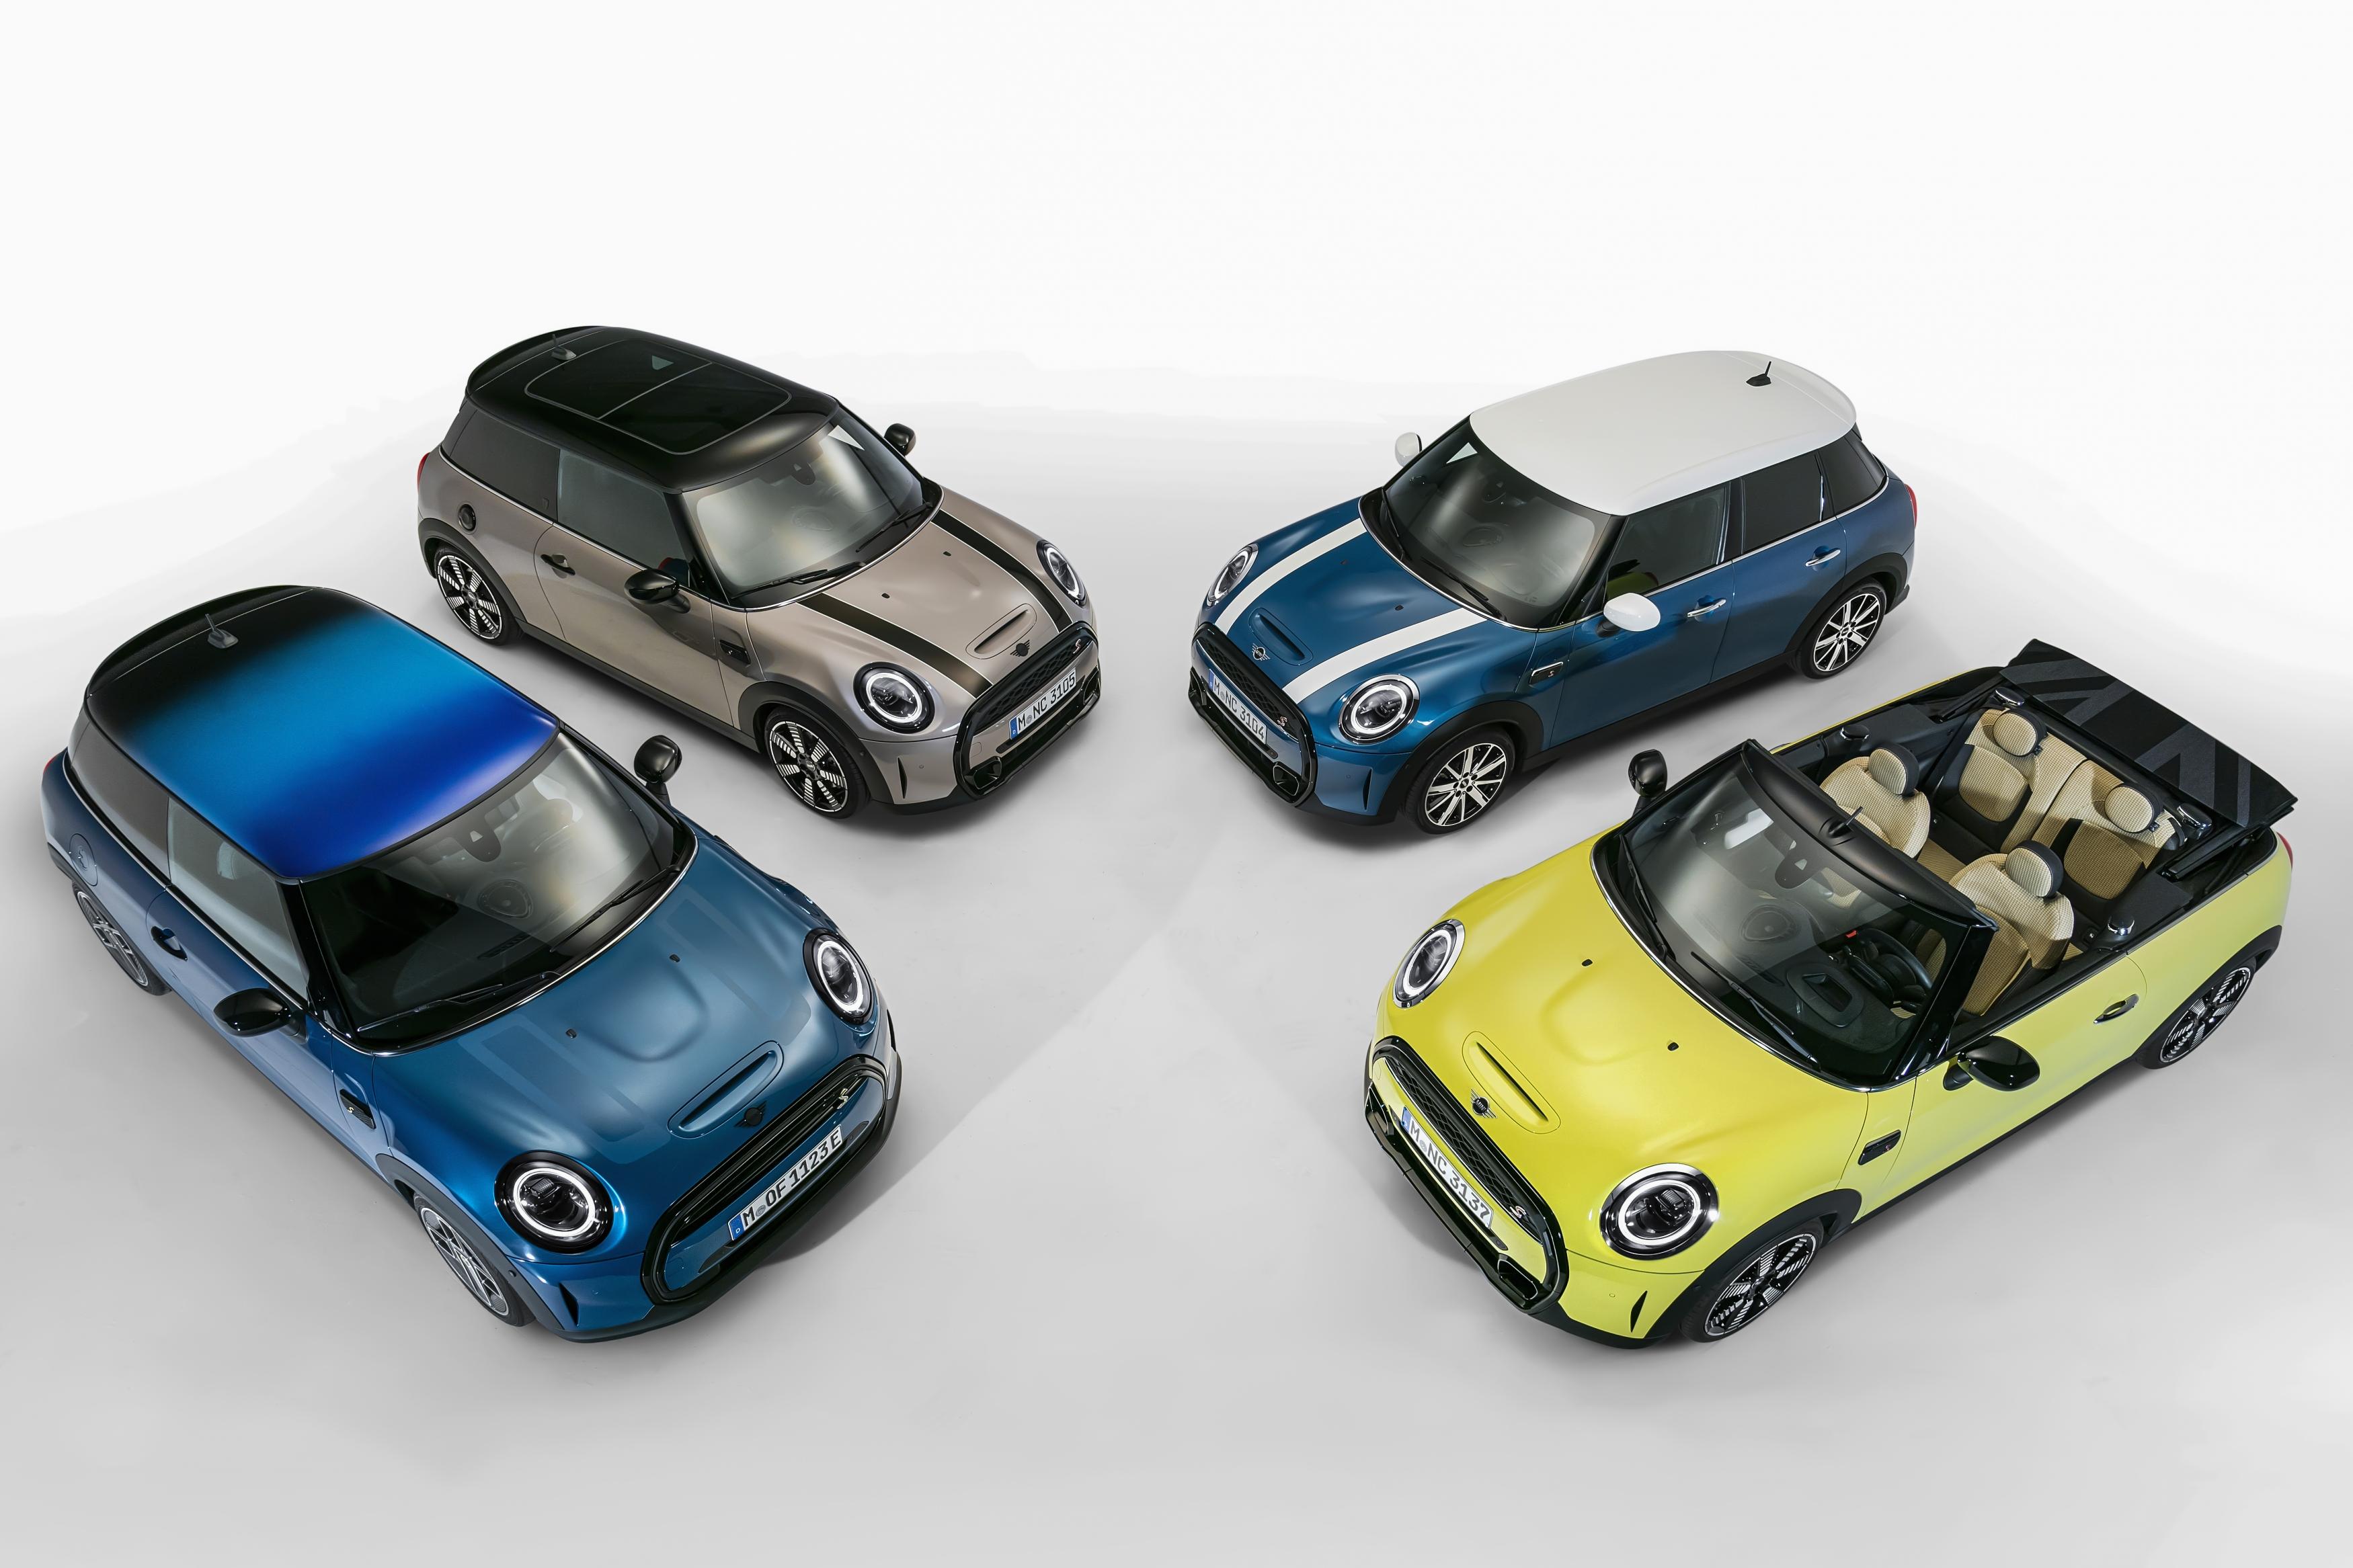 El original cada vez más moderno: MINI 3 puertas, el MINI 5 puertas y el MINI Cabrio